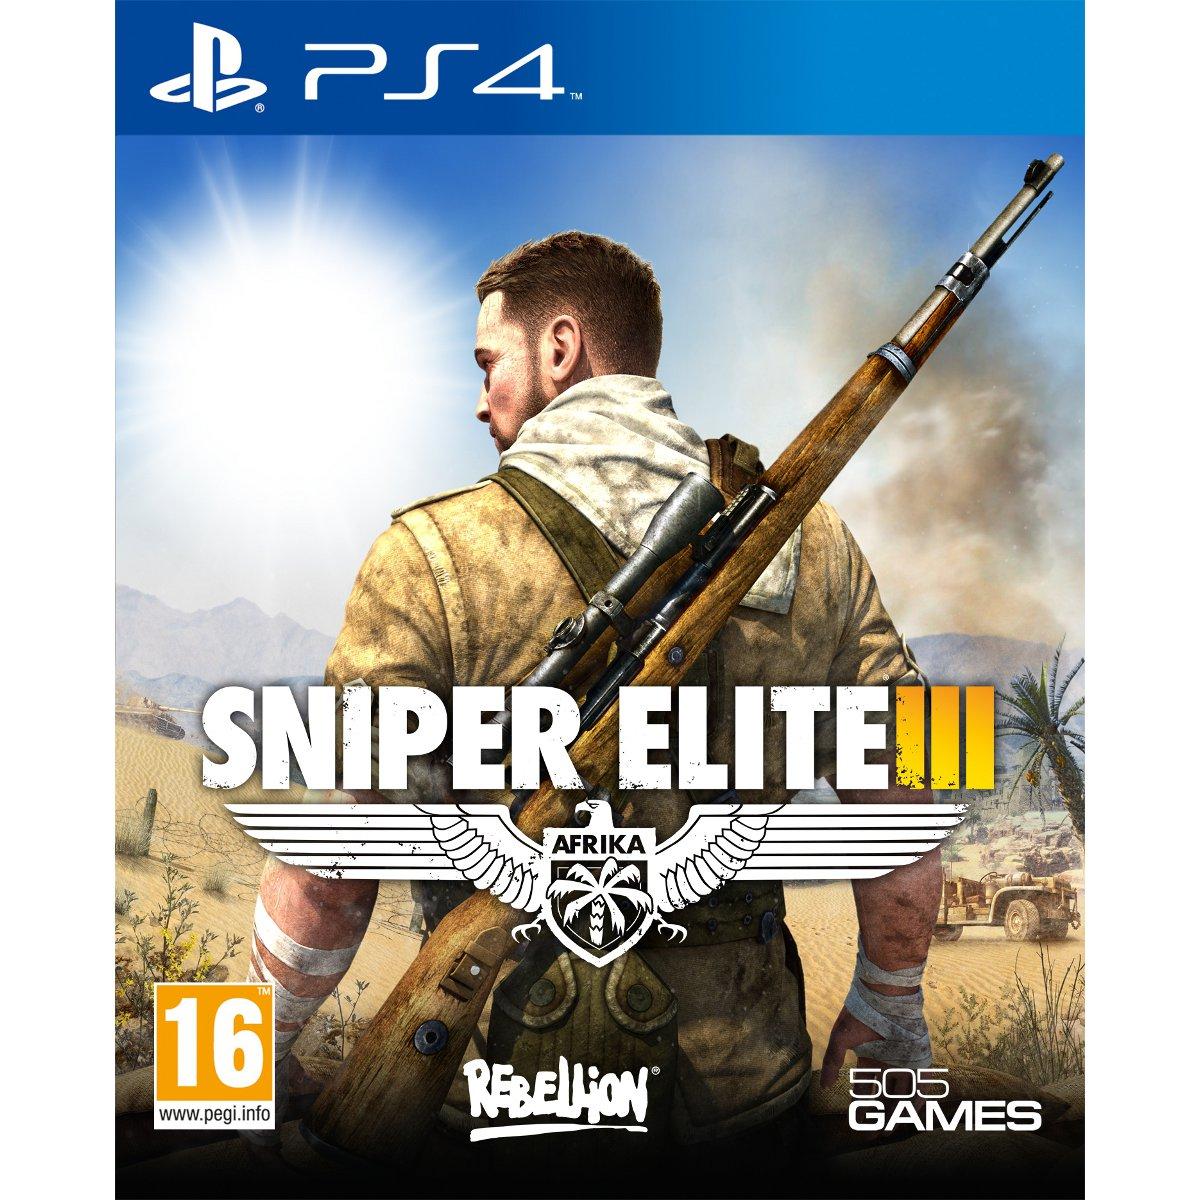 sniper elite iii ps4 jeux ps4 505 games sur. Black Bedroom Furniture Sets. Home Design Ideas